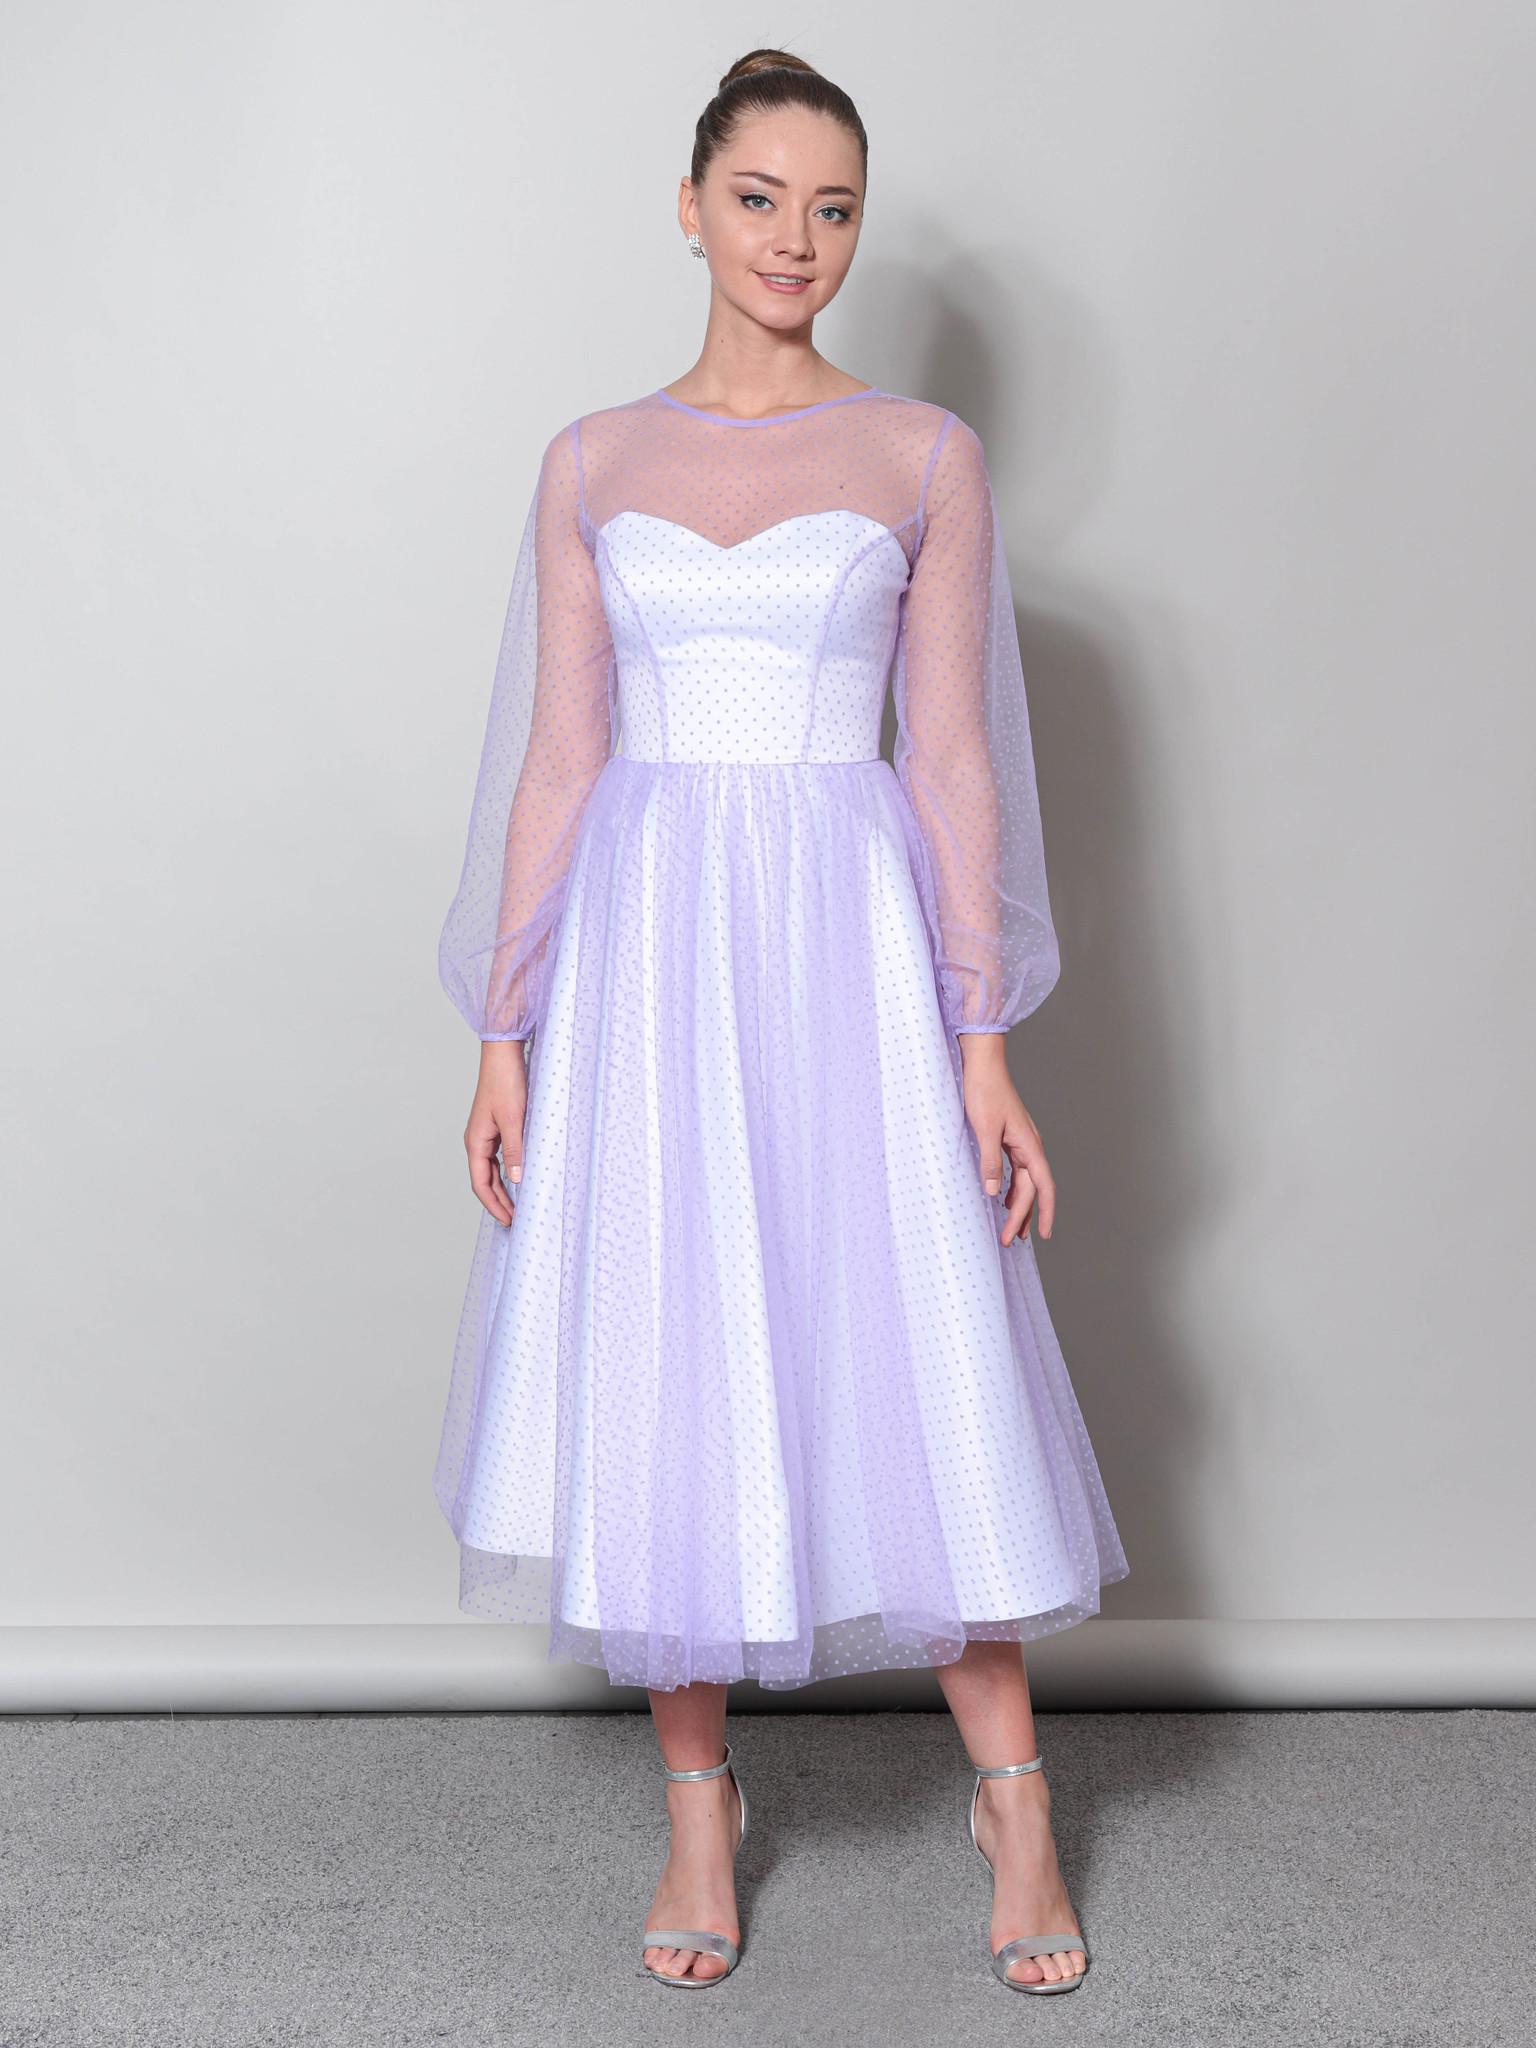 Свадебное платье с объемными рукавами из фатины (белый-лаванда)